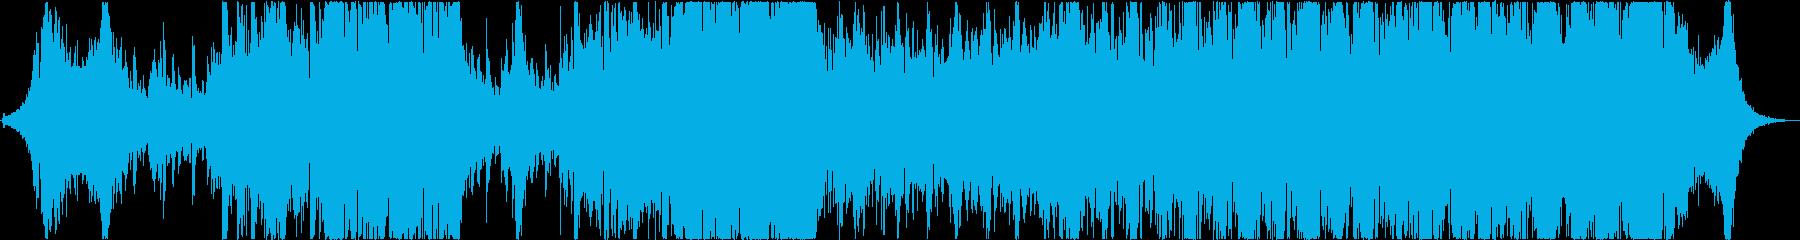 琴と太鼓が印象的な激しいバトル曲の再生済みの波形